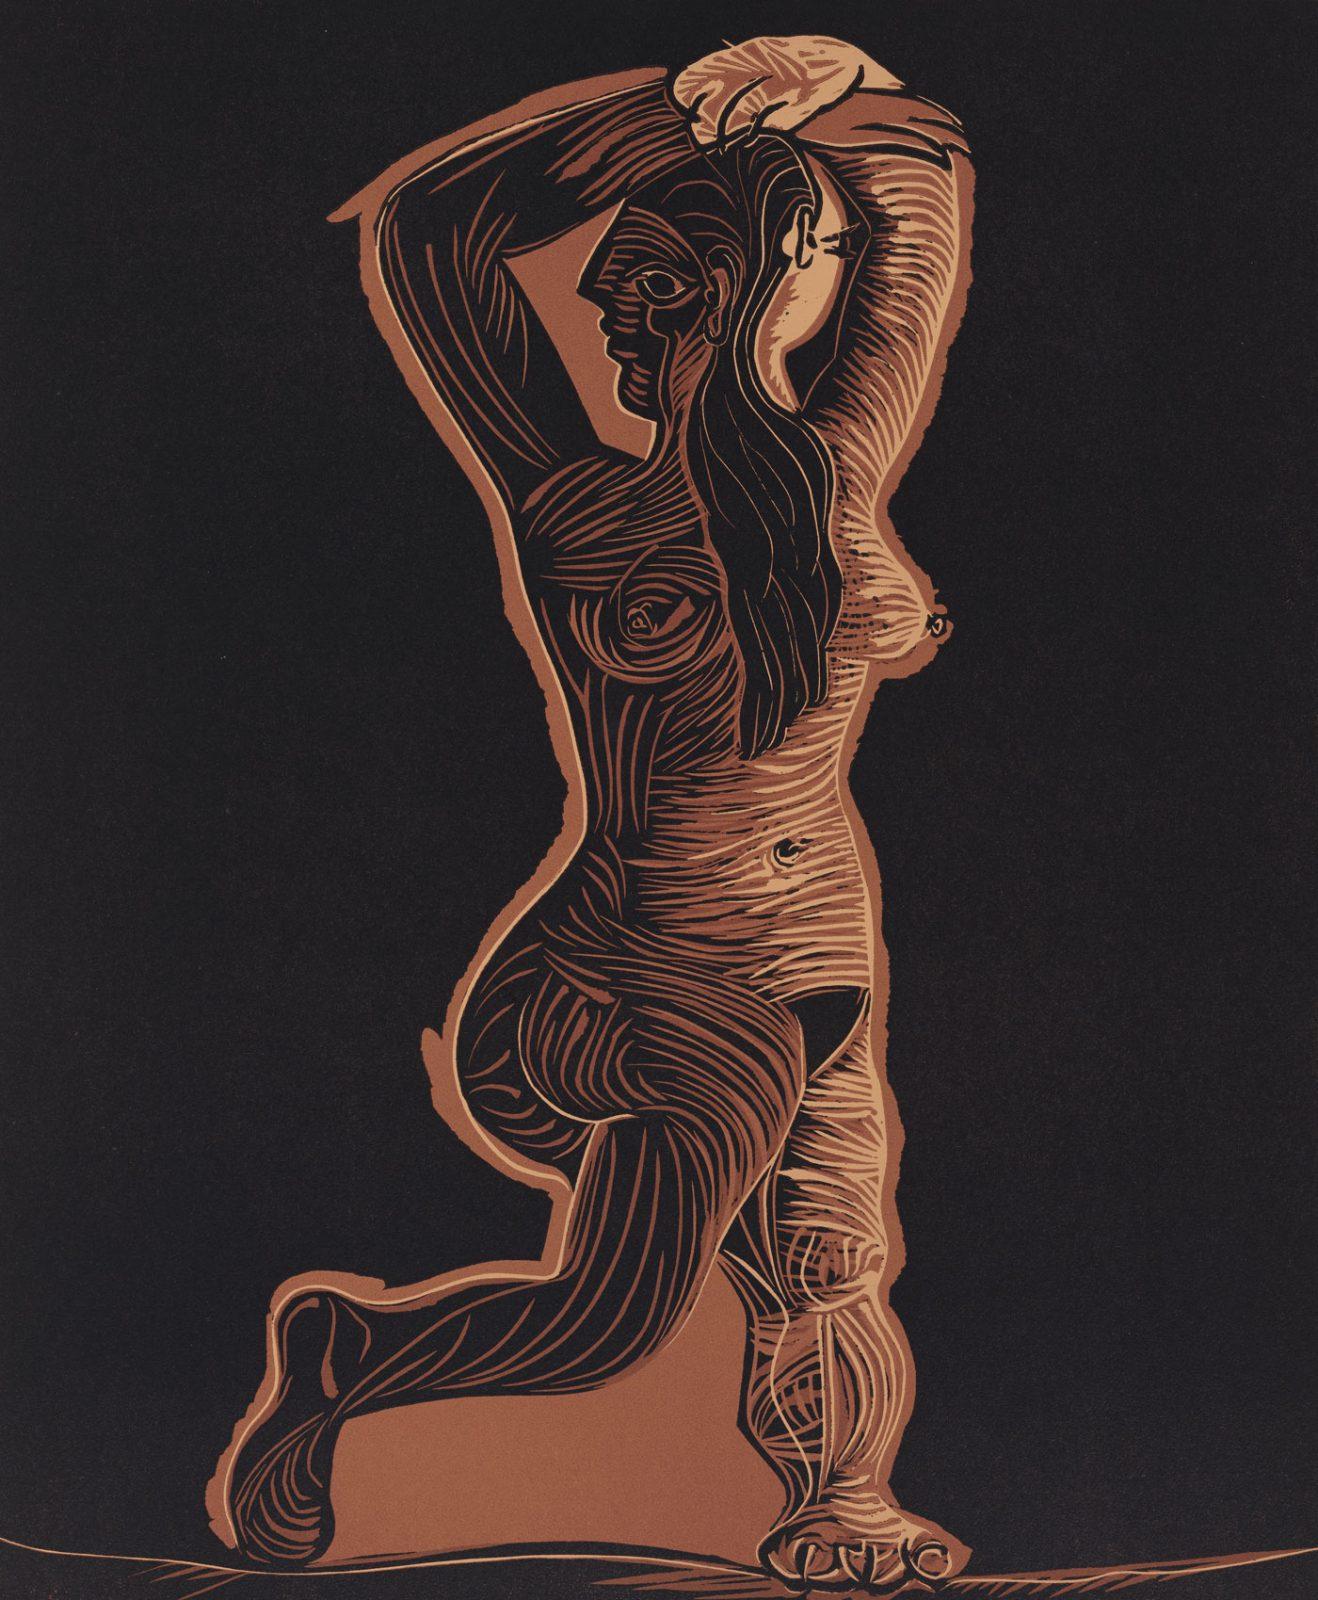 Pablo Picasso, Grand nu dansant, 1962 color linocut | BnF, Estampes et photographie © Succession Picasso 2018